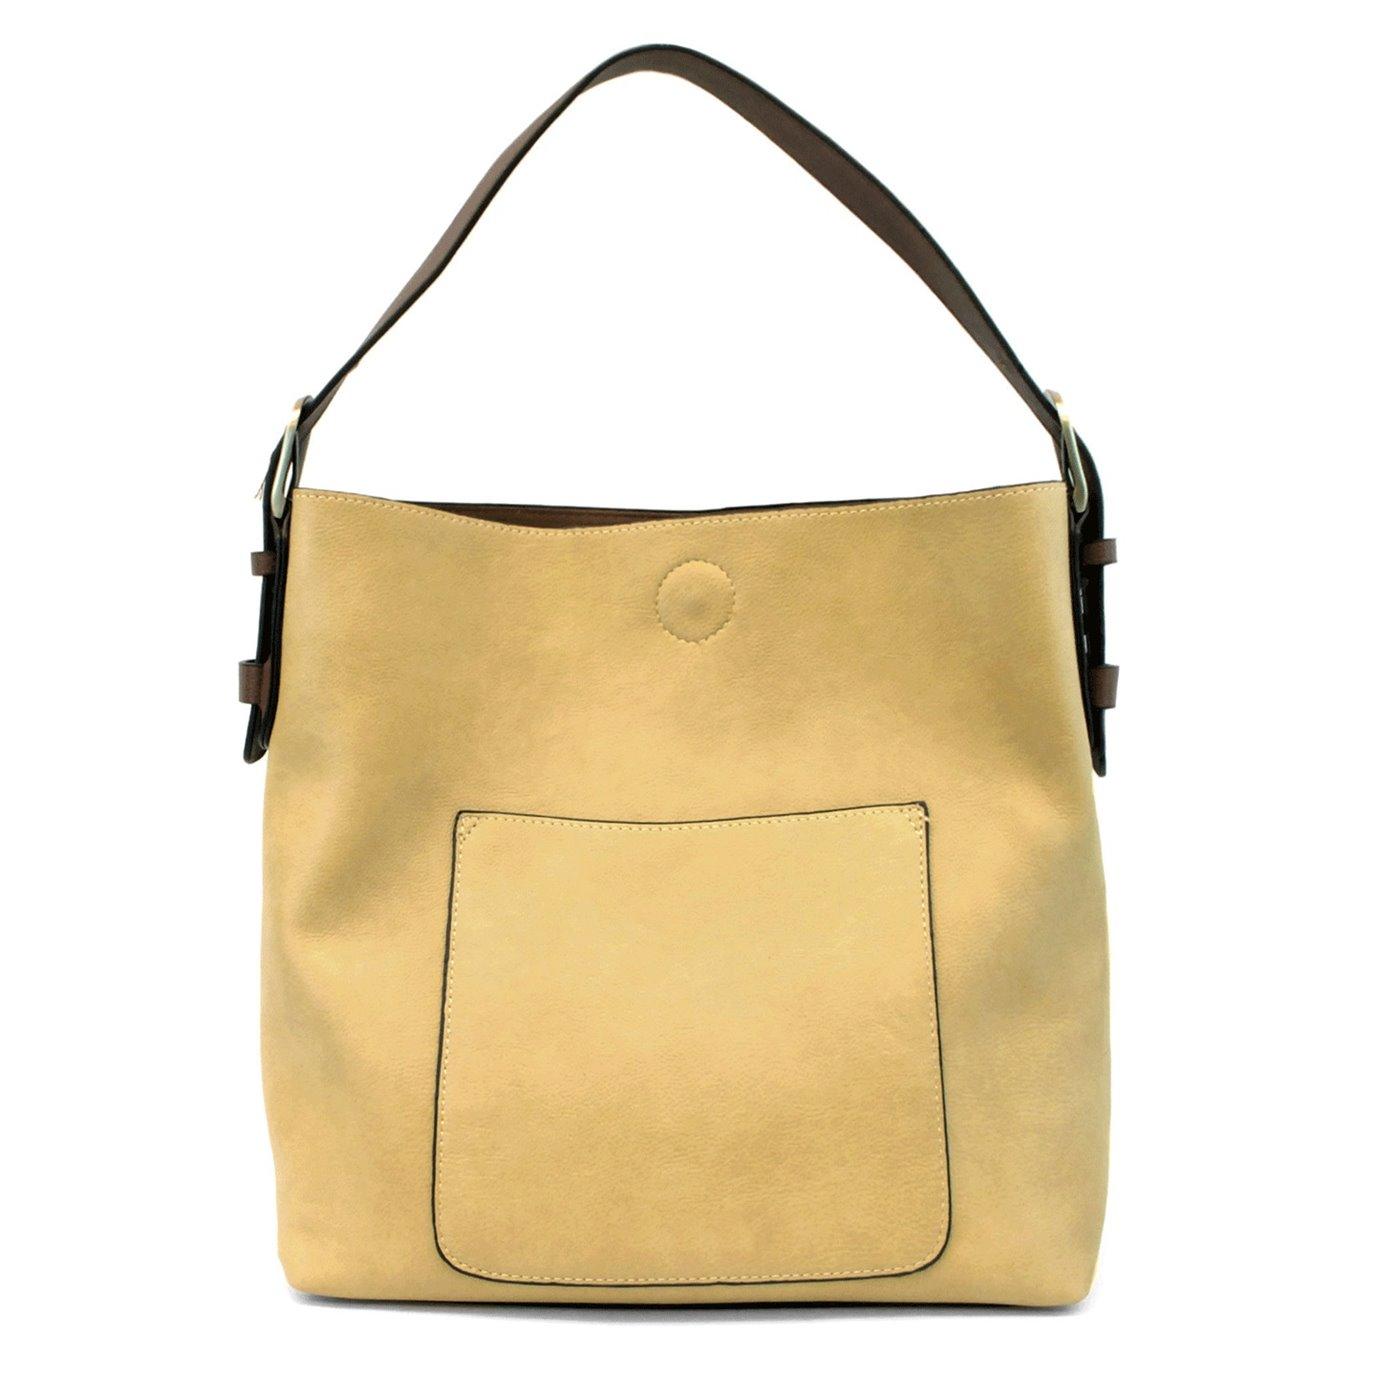 Celadon Hobo Handbag with Brown Handle